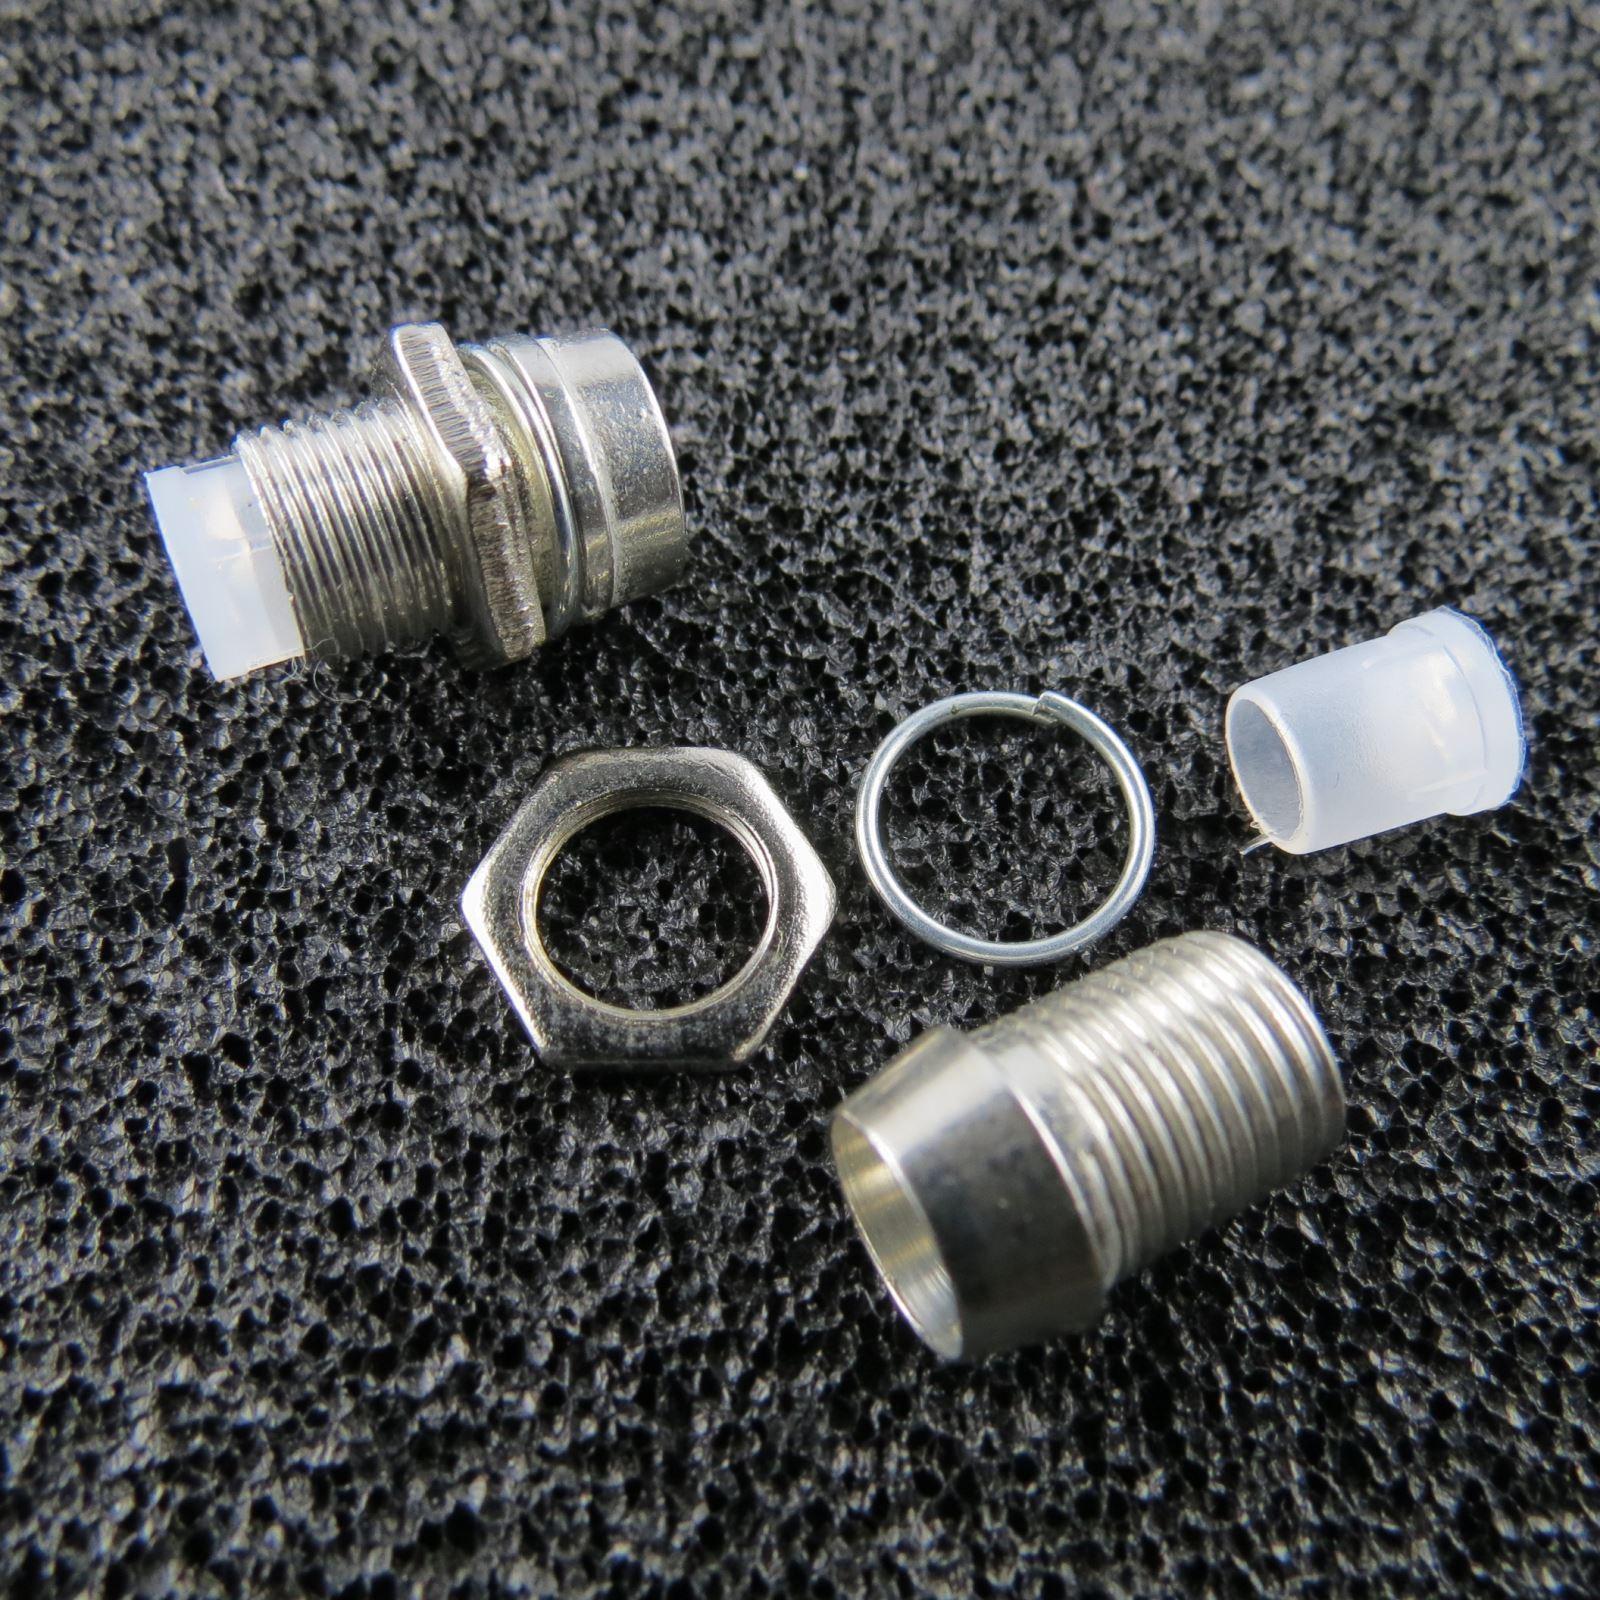 10x-LED-Schrauben-Fassung-Screw-fuer-5mm-LEDs-CHROM-Halter-LED-Schraube-Fassungen